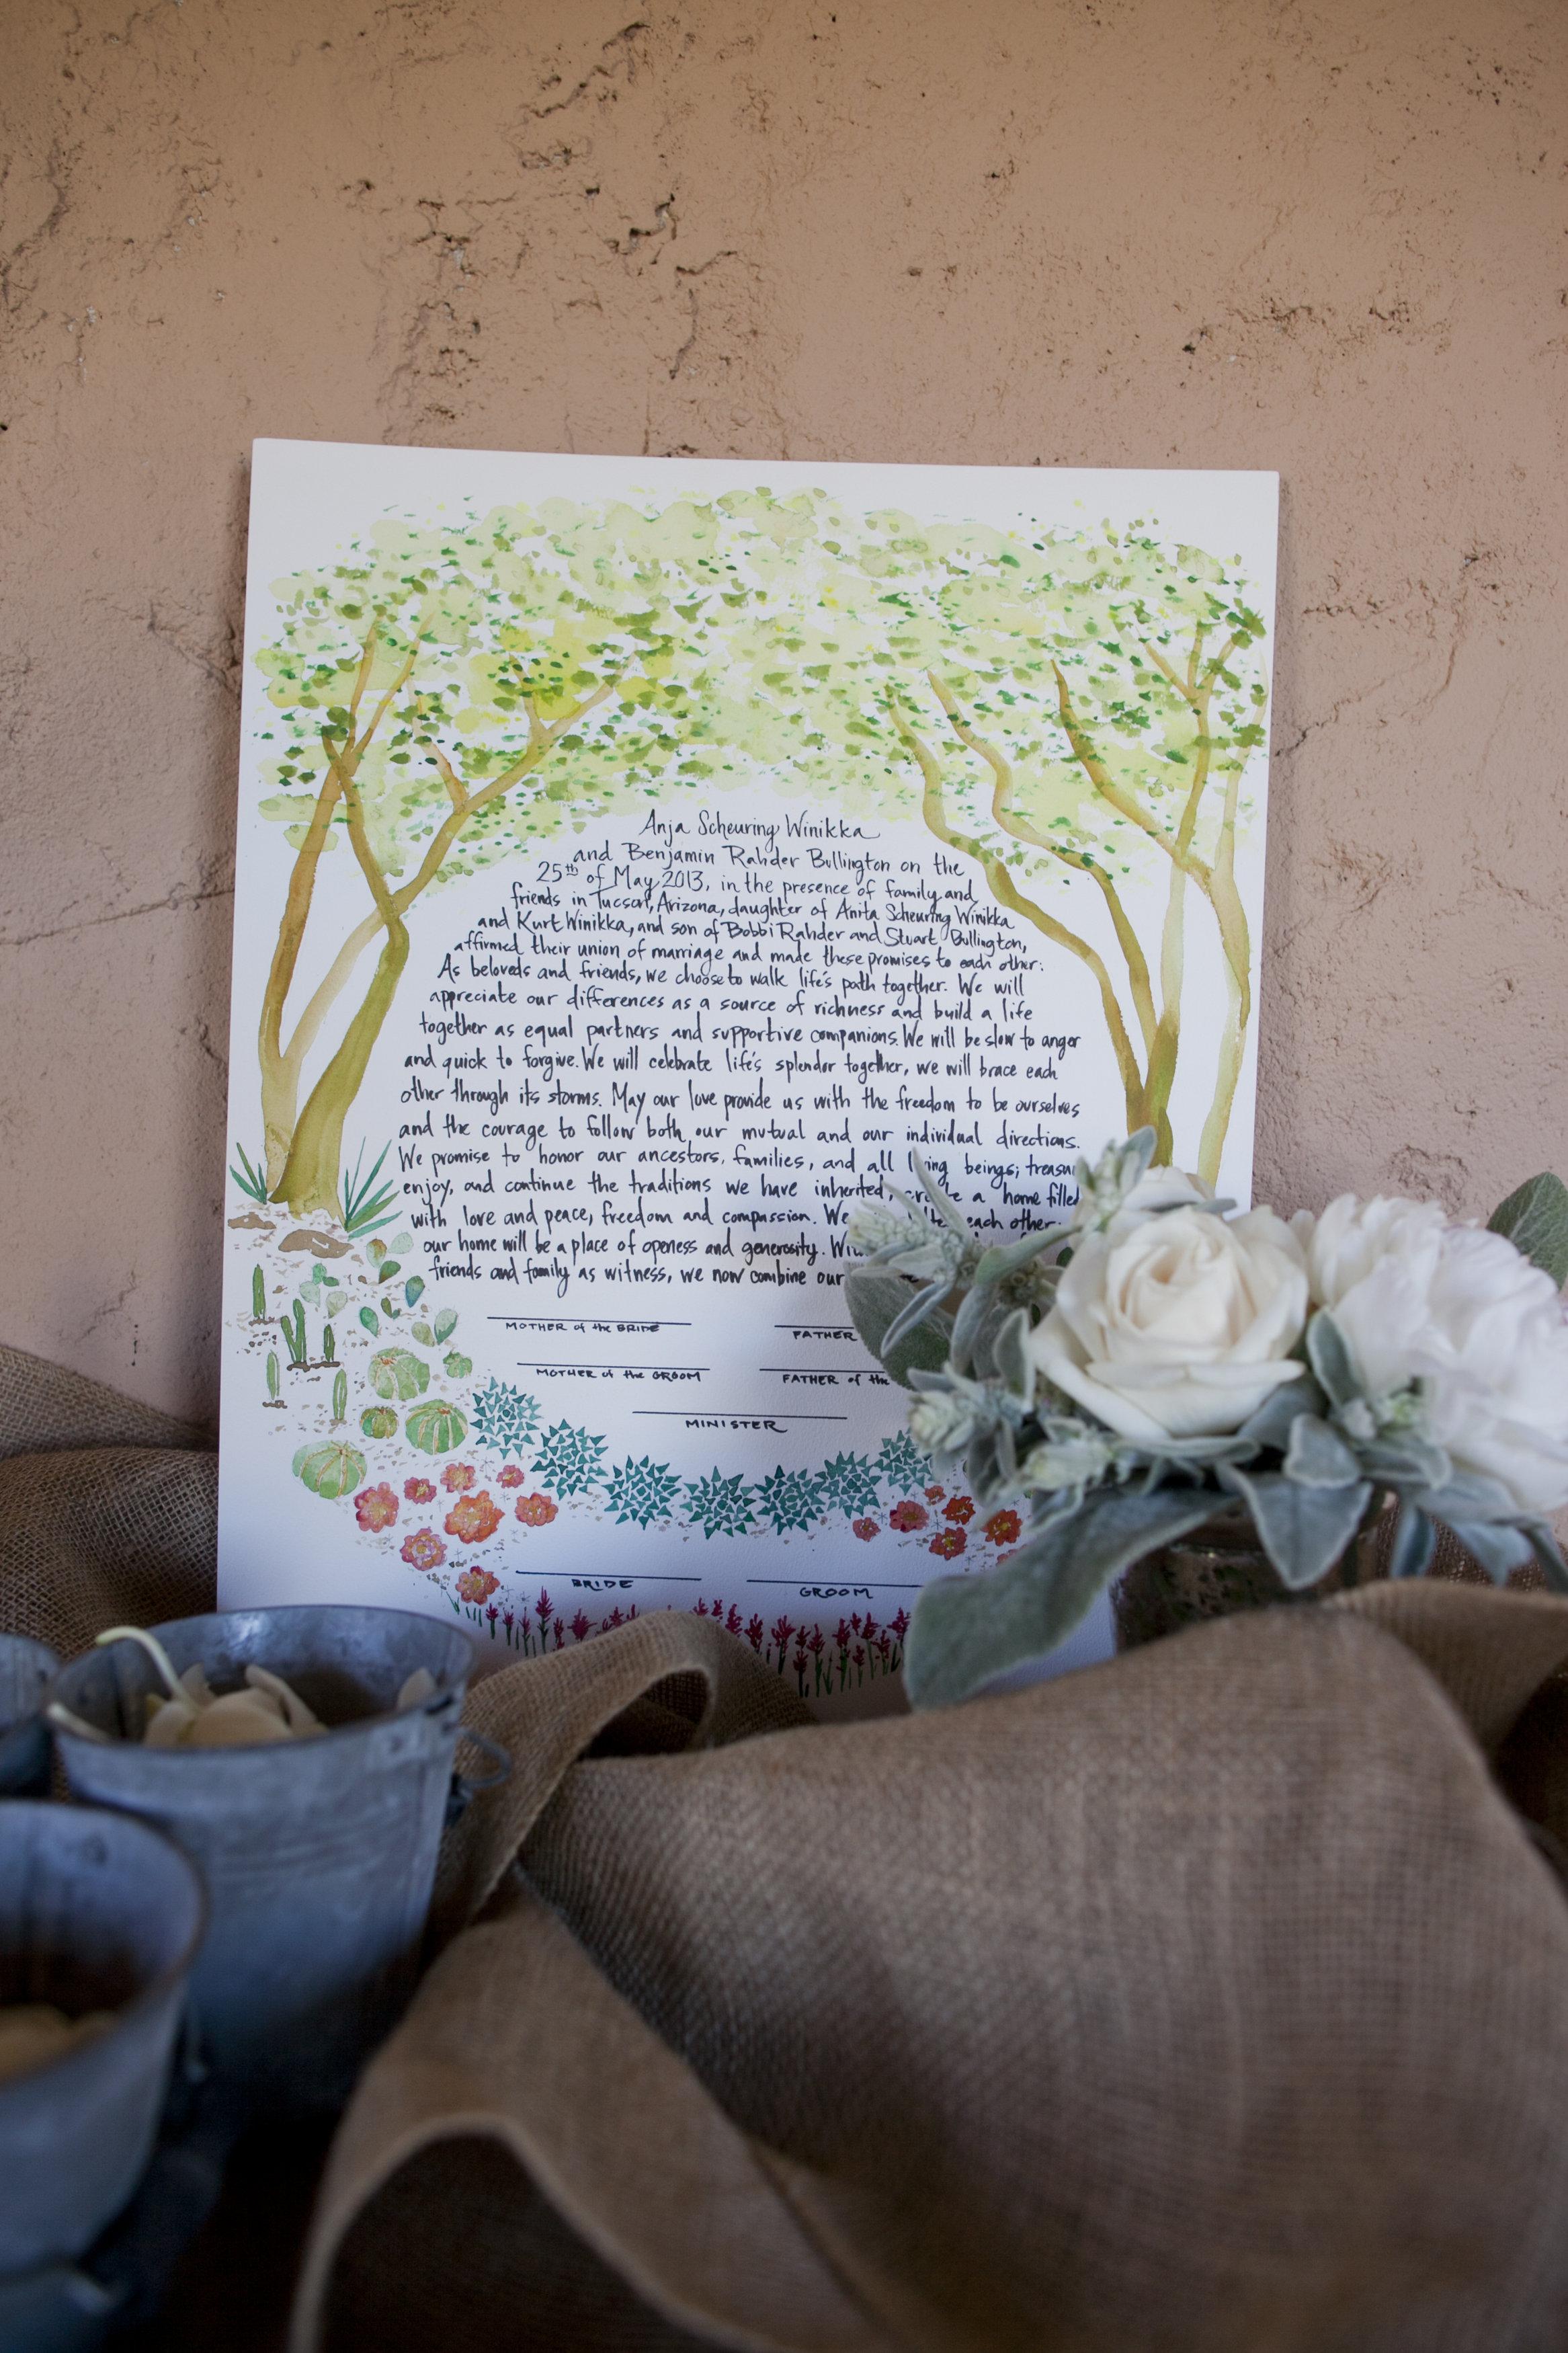 Ceci_New_York_Ceci_Style_Ceci_Johnson_Luxury_Lifestyle_Arizona_Wedding_Watercolor_Inspiration_Design_Custom_Couture_Personalized_Invitations_105.jpg